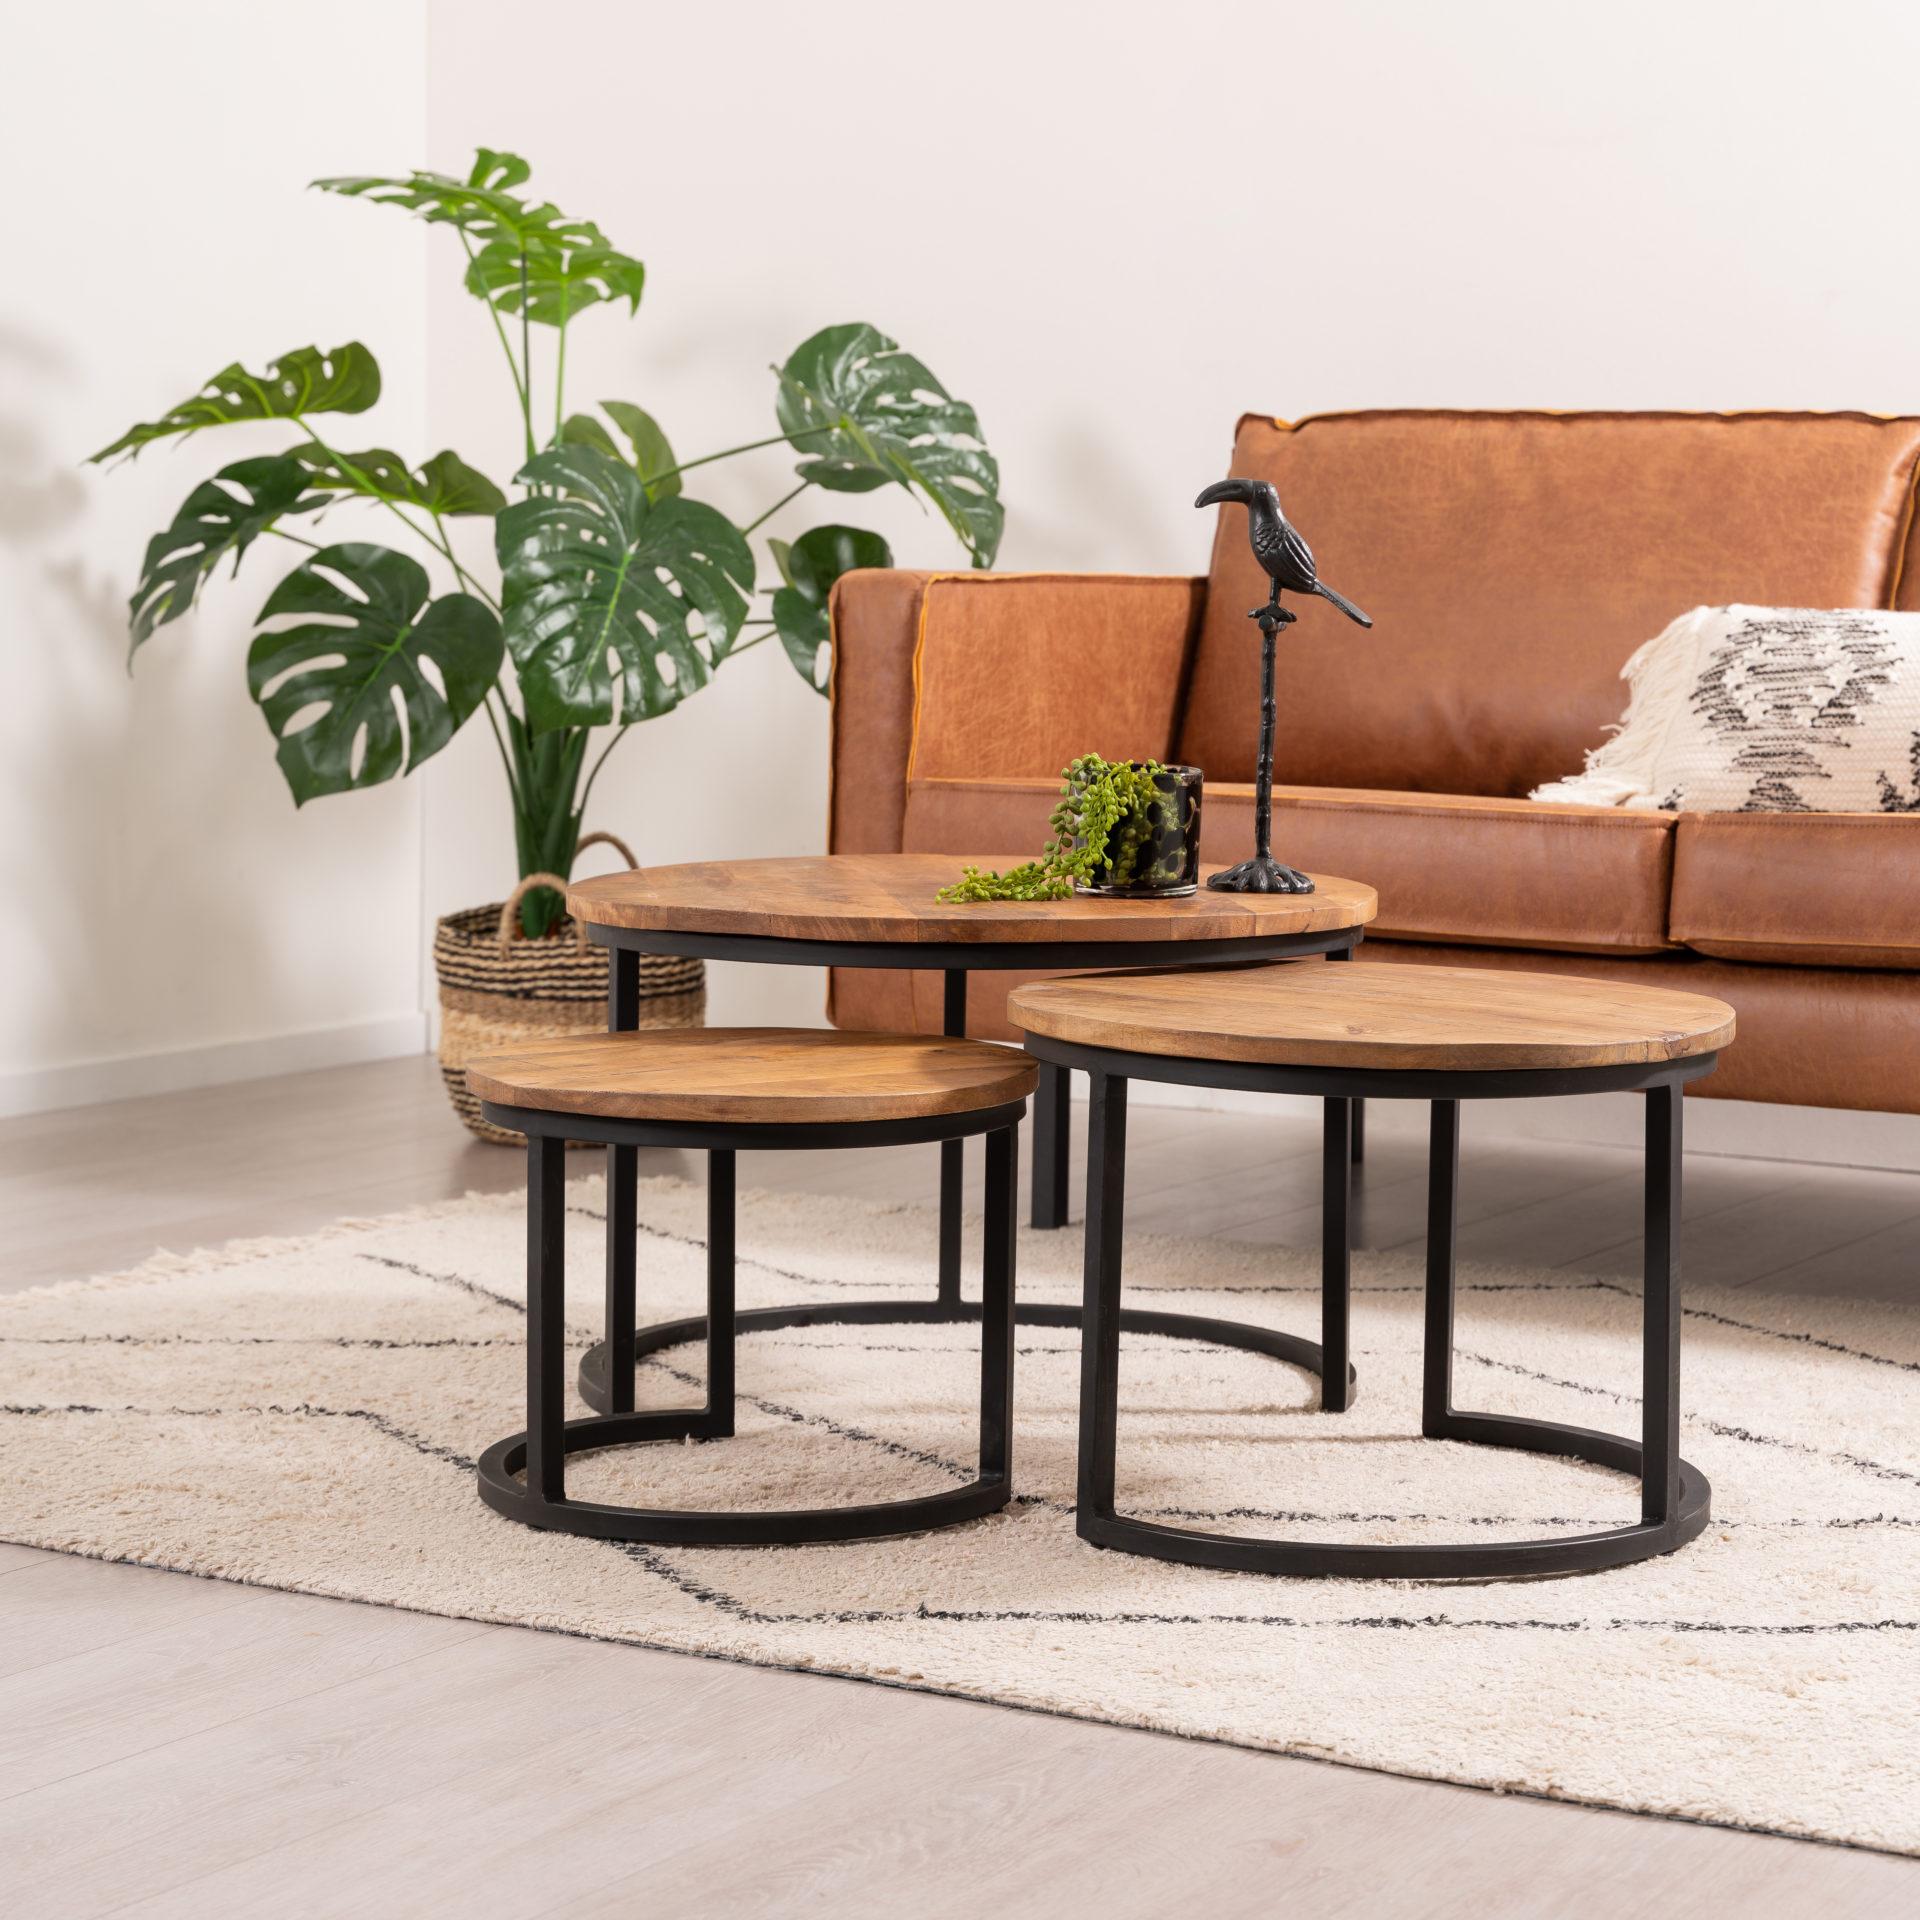 Salontafelset bestaande uit drie ronde tafels met houten tafelblad van 2 cm dik en metalen cilinderpoot. De set is verkrijgbaar in 3 formaten.